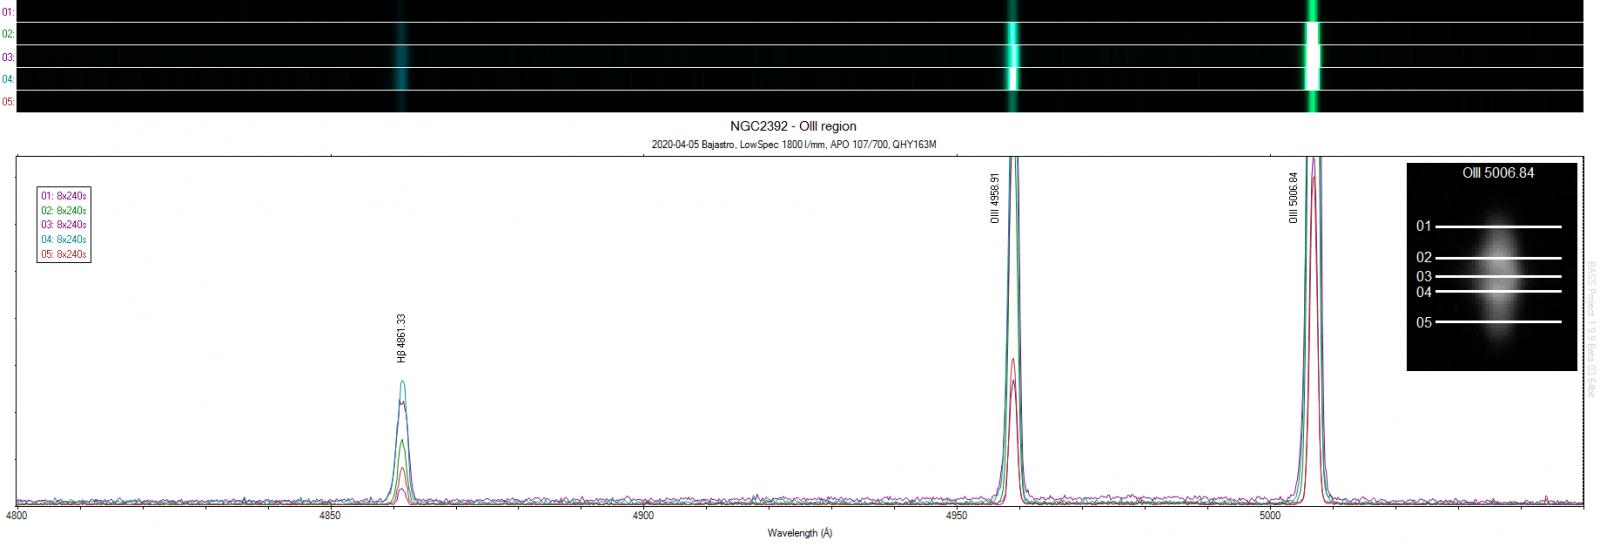 213816961_NGC2392OIIIspectrumzoom.thumb.png.74b2aa03bccaa5275f65c6309c219d7e.png